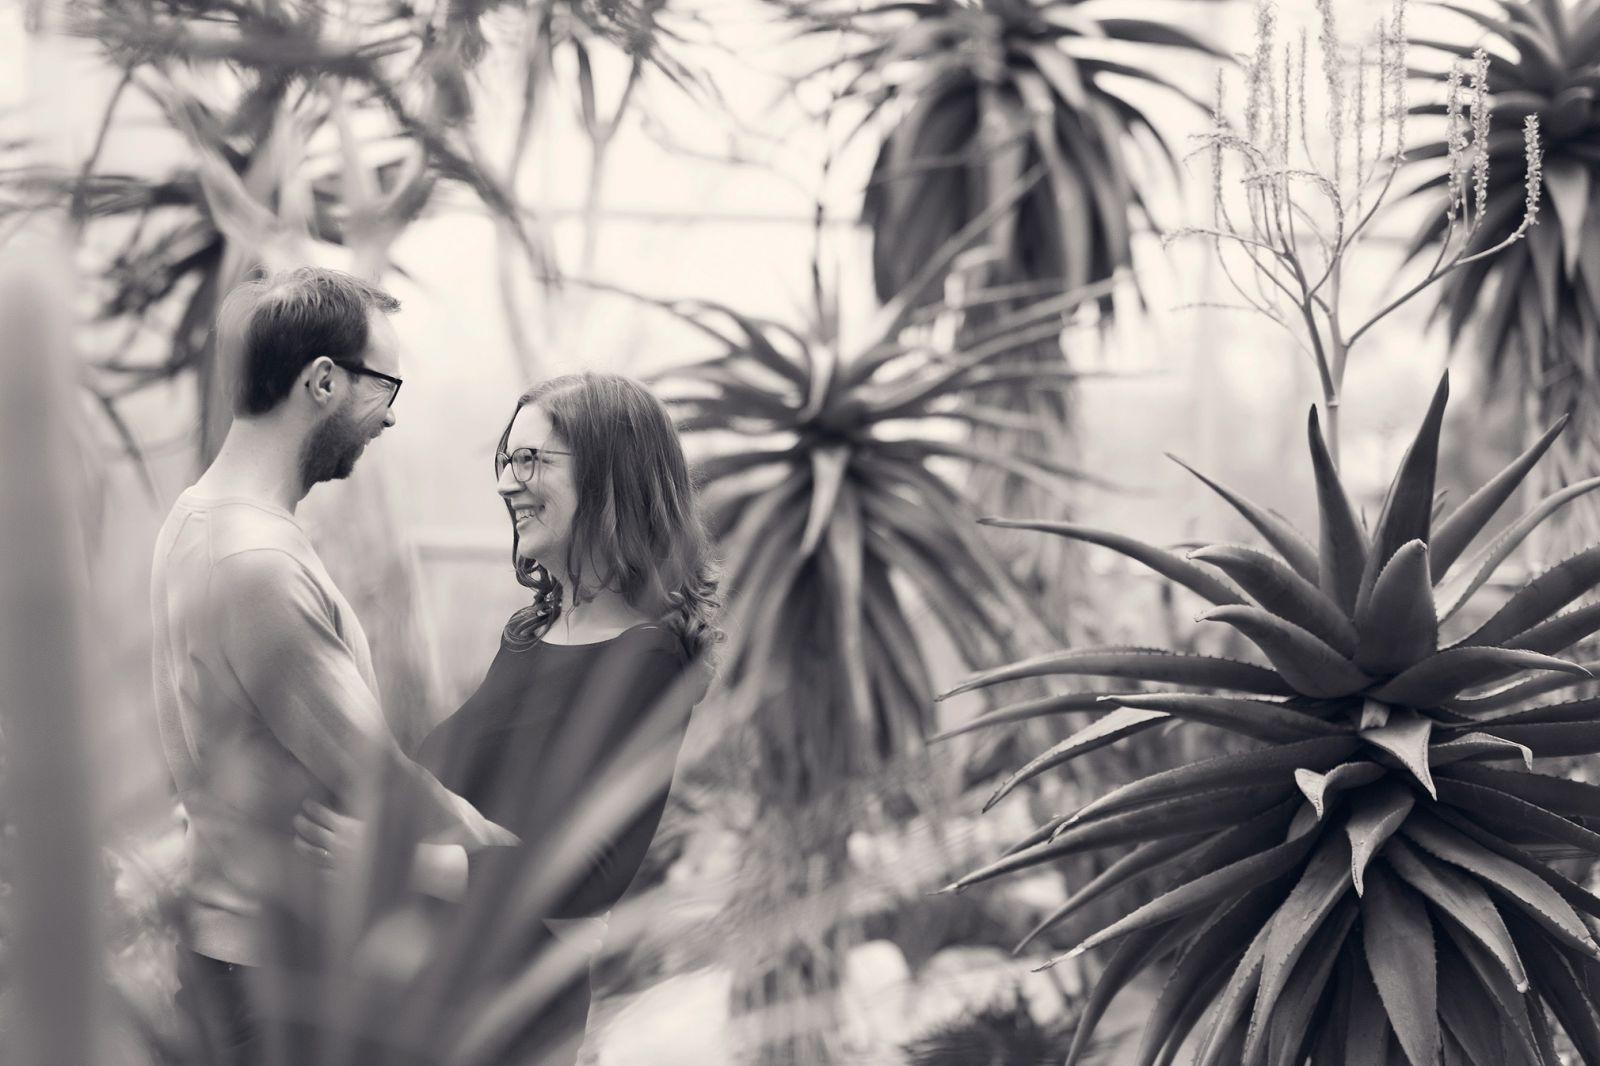 hochzeitsfotografin in frankfurt am main, taunus und rheingau engagementbilder engagementfotografie paarbilder verlobung heiraten in nidderau